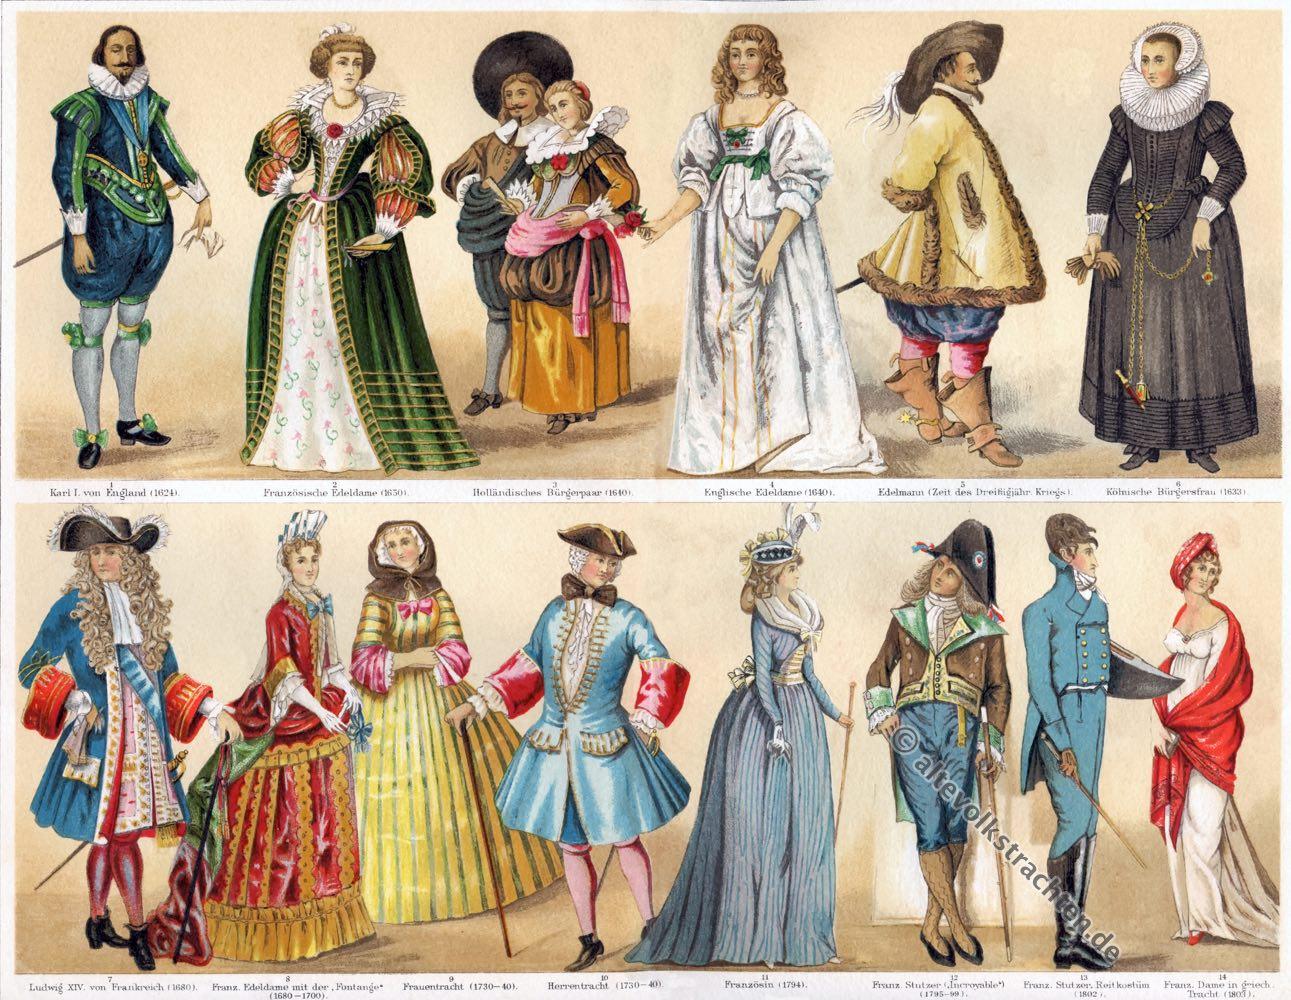 Kostüme, Bekleidung, 17., 19., Jahrhundert, Modegeschichte, Barock, Rococo, Empire,